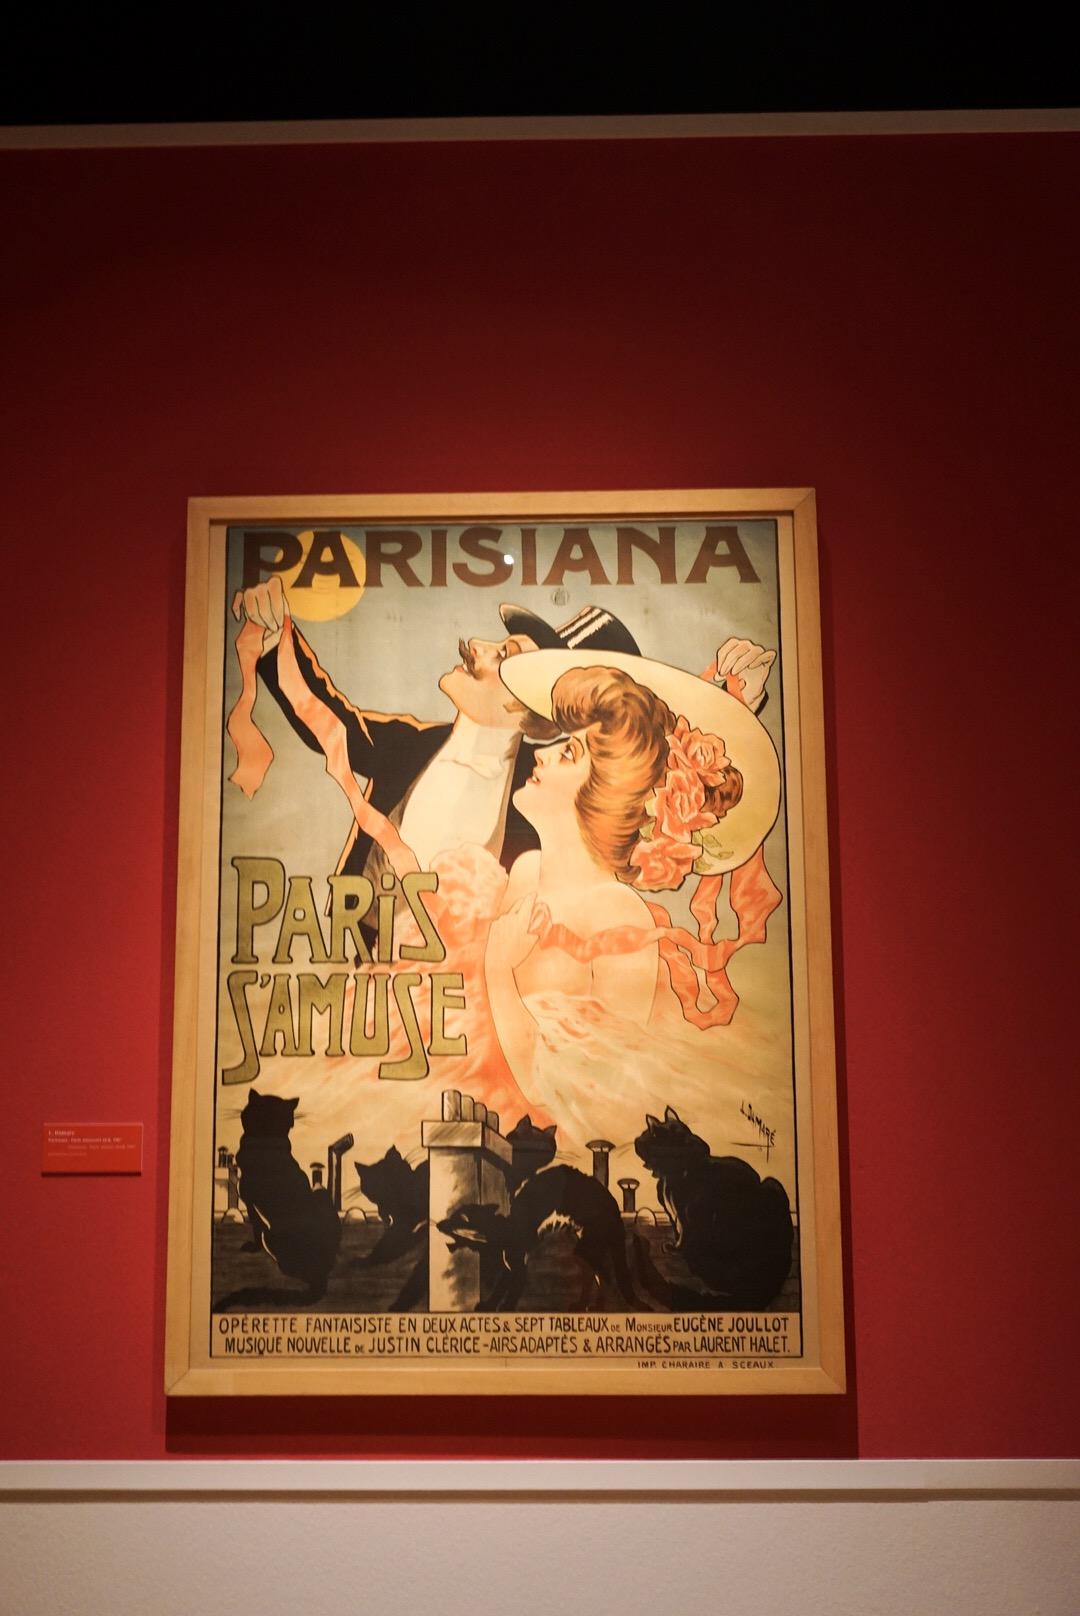 Kattenliefde exhibition Parisiana vintage